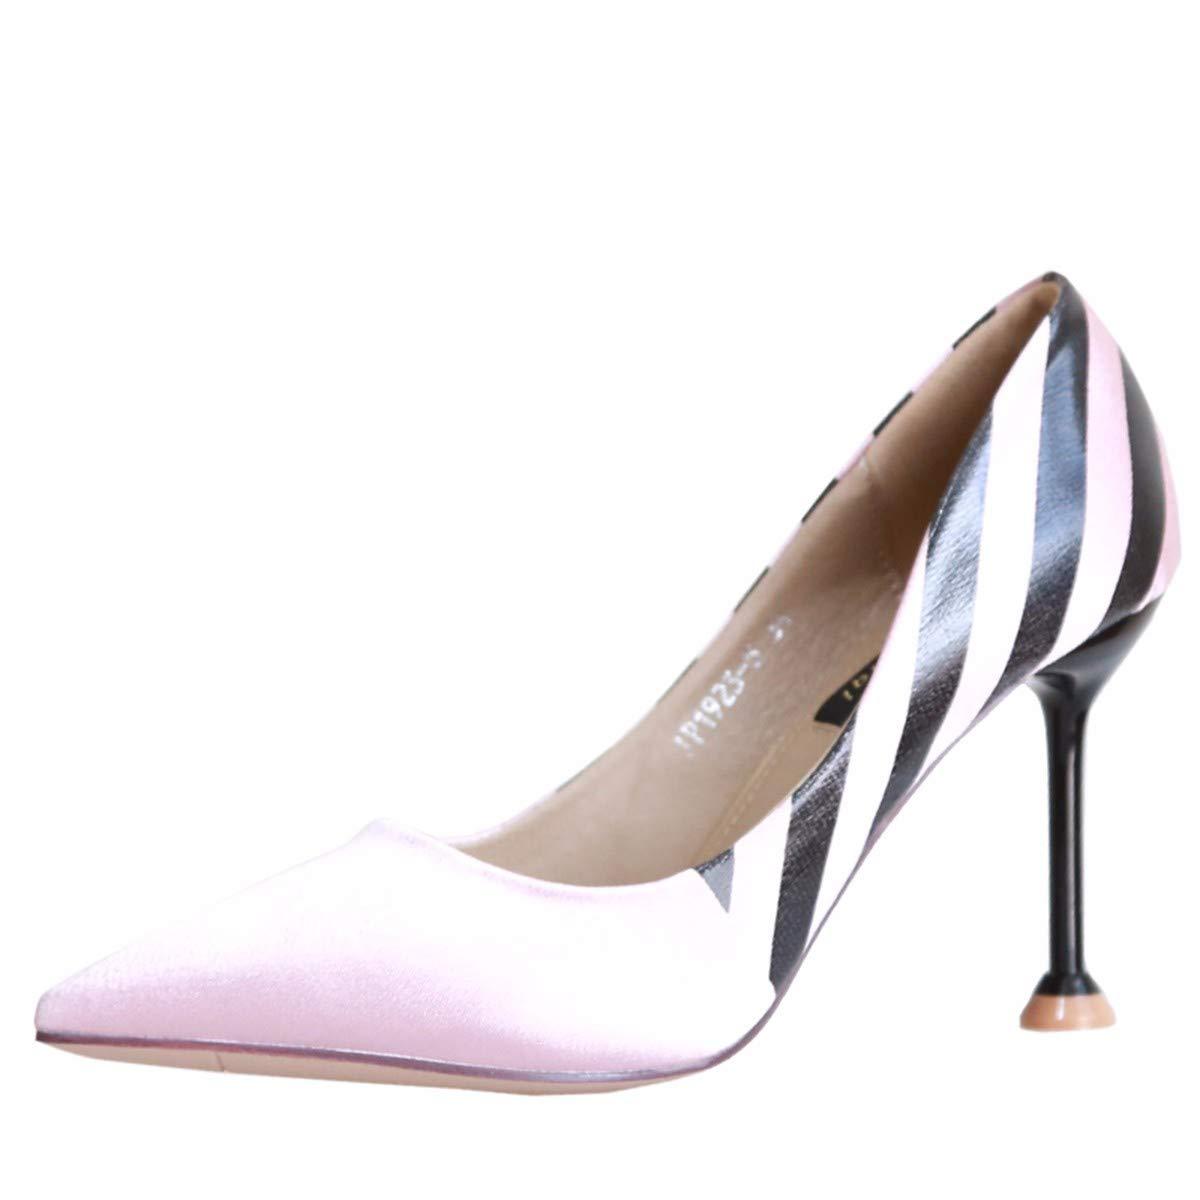 KPHY Damenschuhe/Herbst Gut Mit 9Cm Sexy Hochhackige Schuhe Sexy 9Cm Farben Damenschuhe Starken Kopf Flach Mund Temperament Schuhe.36 Schwarz - 51dd98